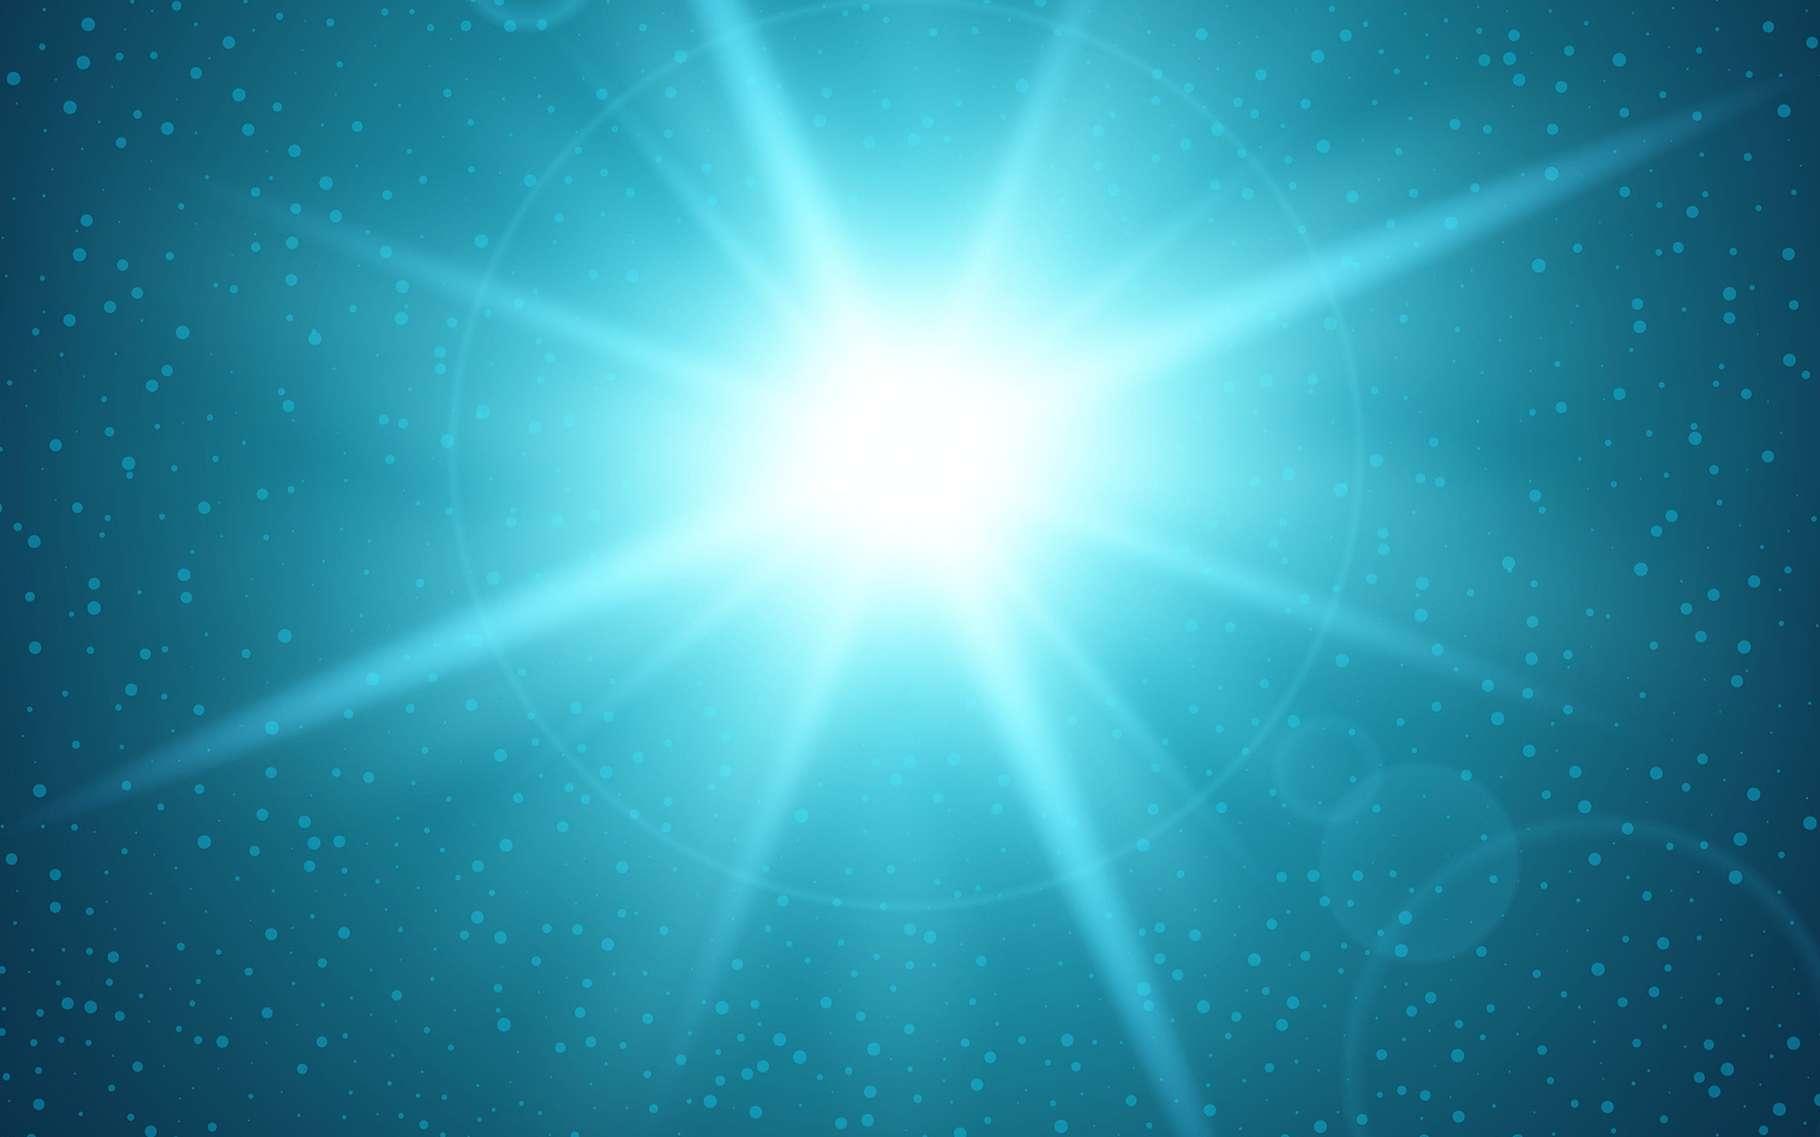 Des flashs de lumière comme traitement de la maladie d'Alzheimer ? © SirinS, Shutterstock